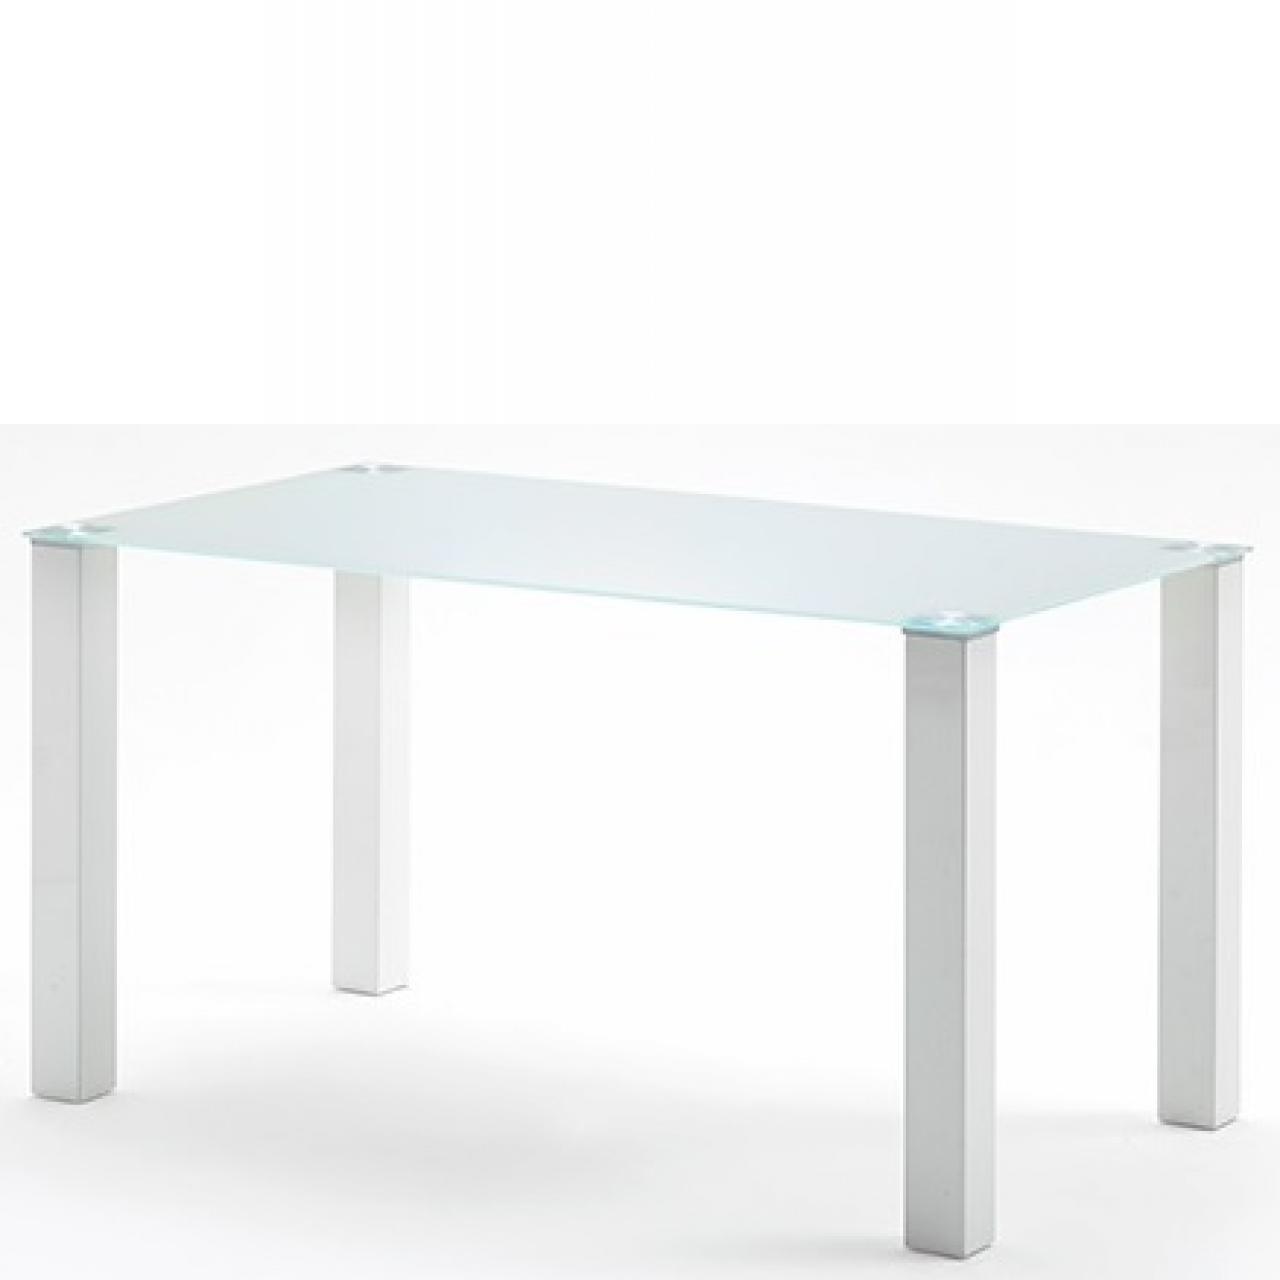 Tisch Hanna 140 cm